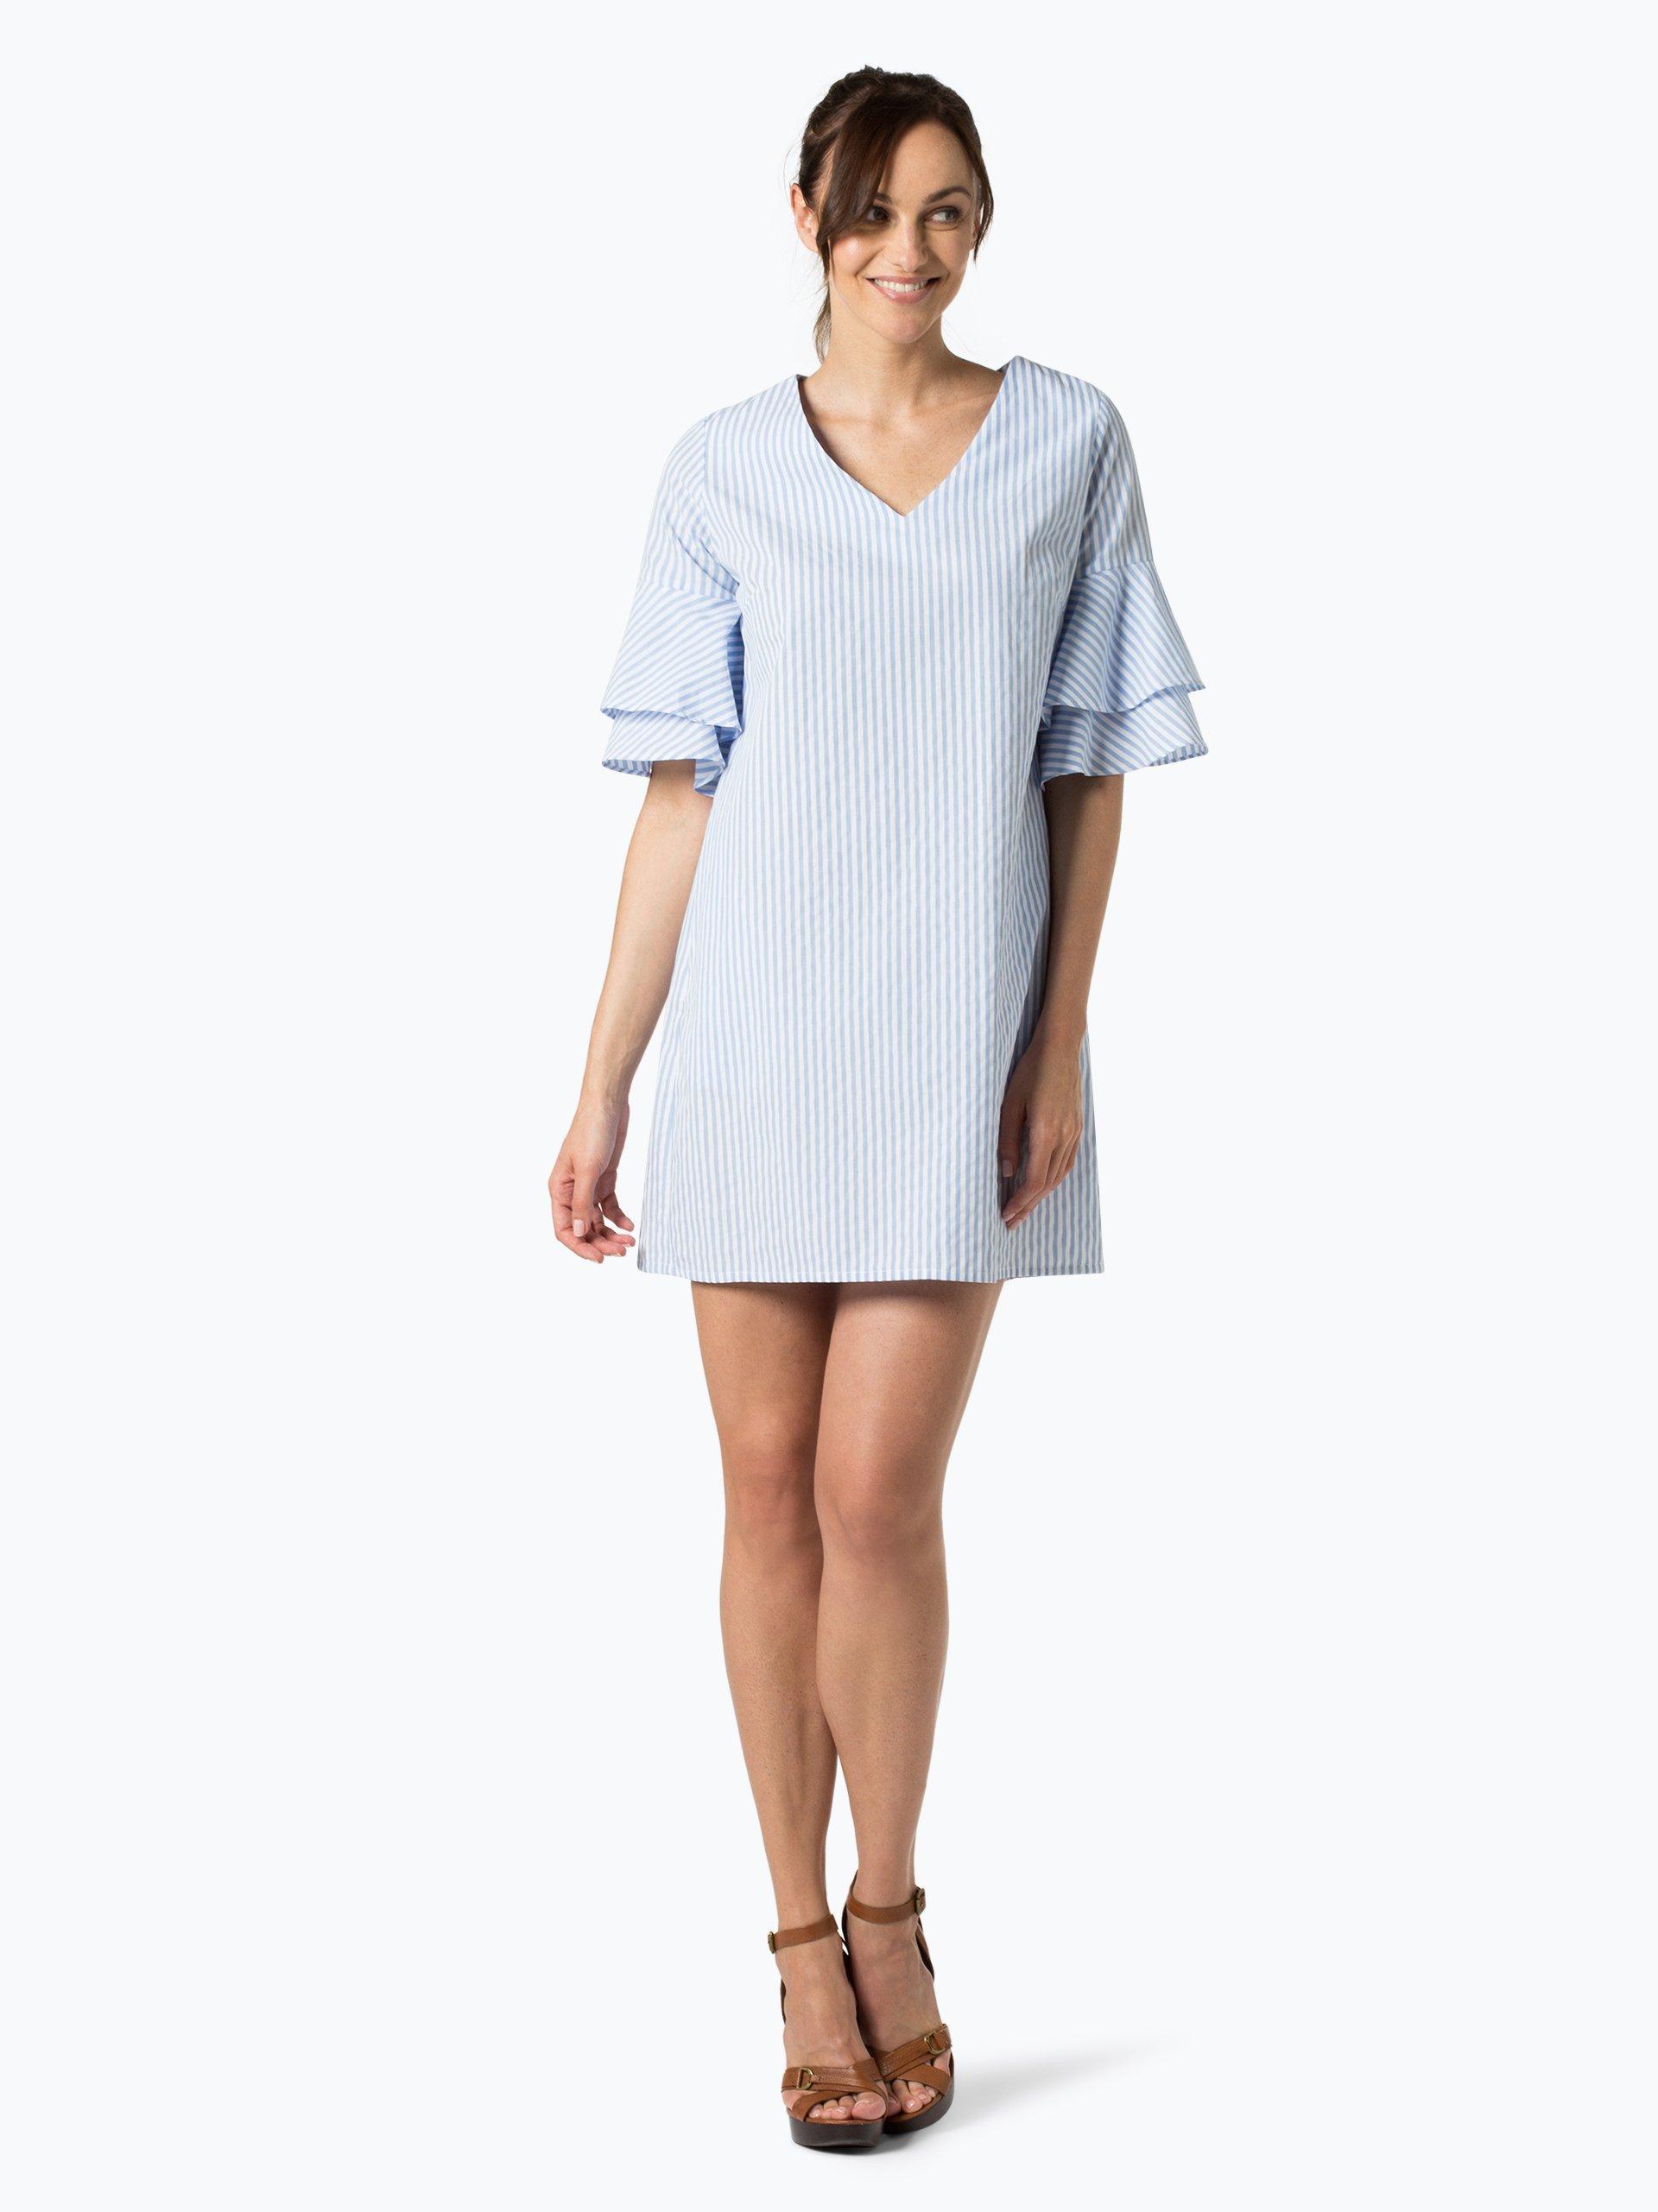 marie lund damen kleid hellblau gestreift online kaufen. Black Bedroom Furniture Sets. Home Design Ideas